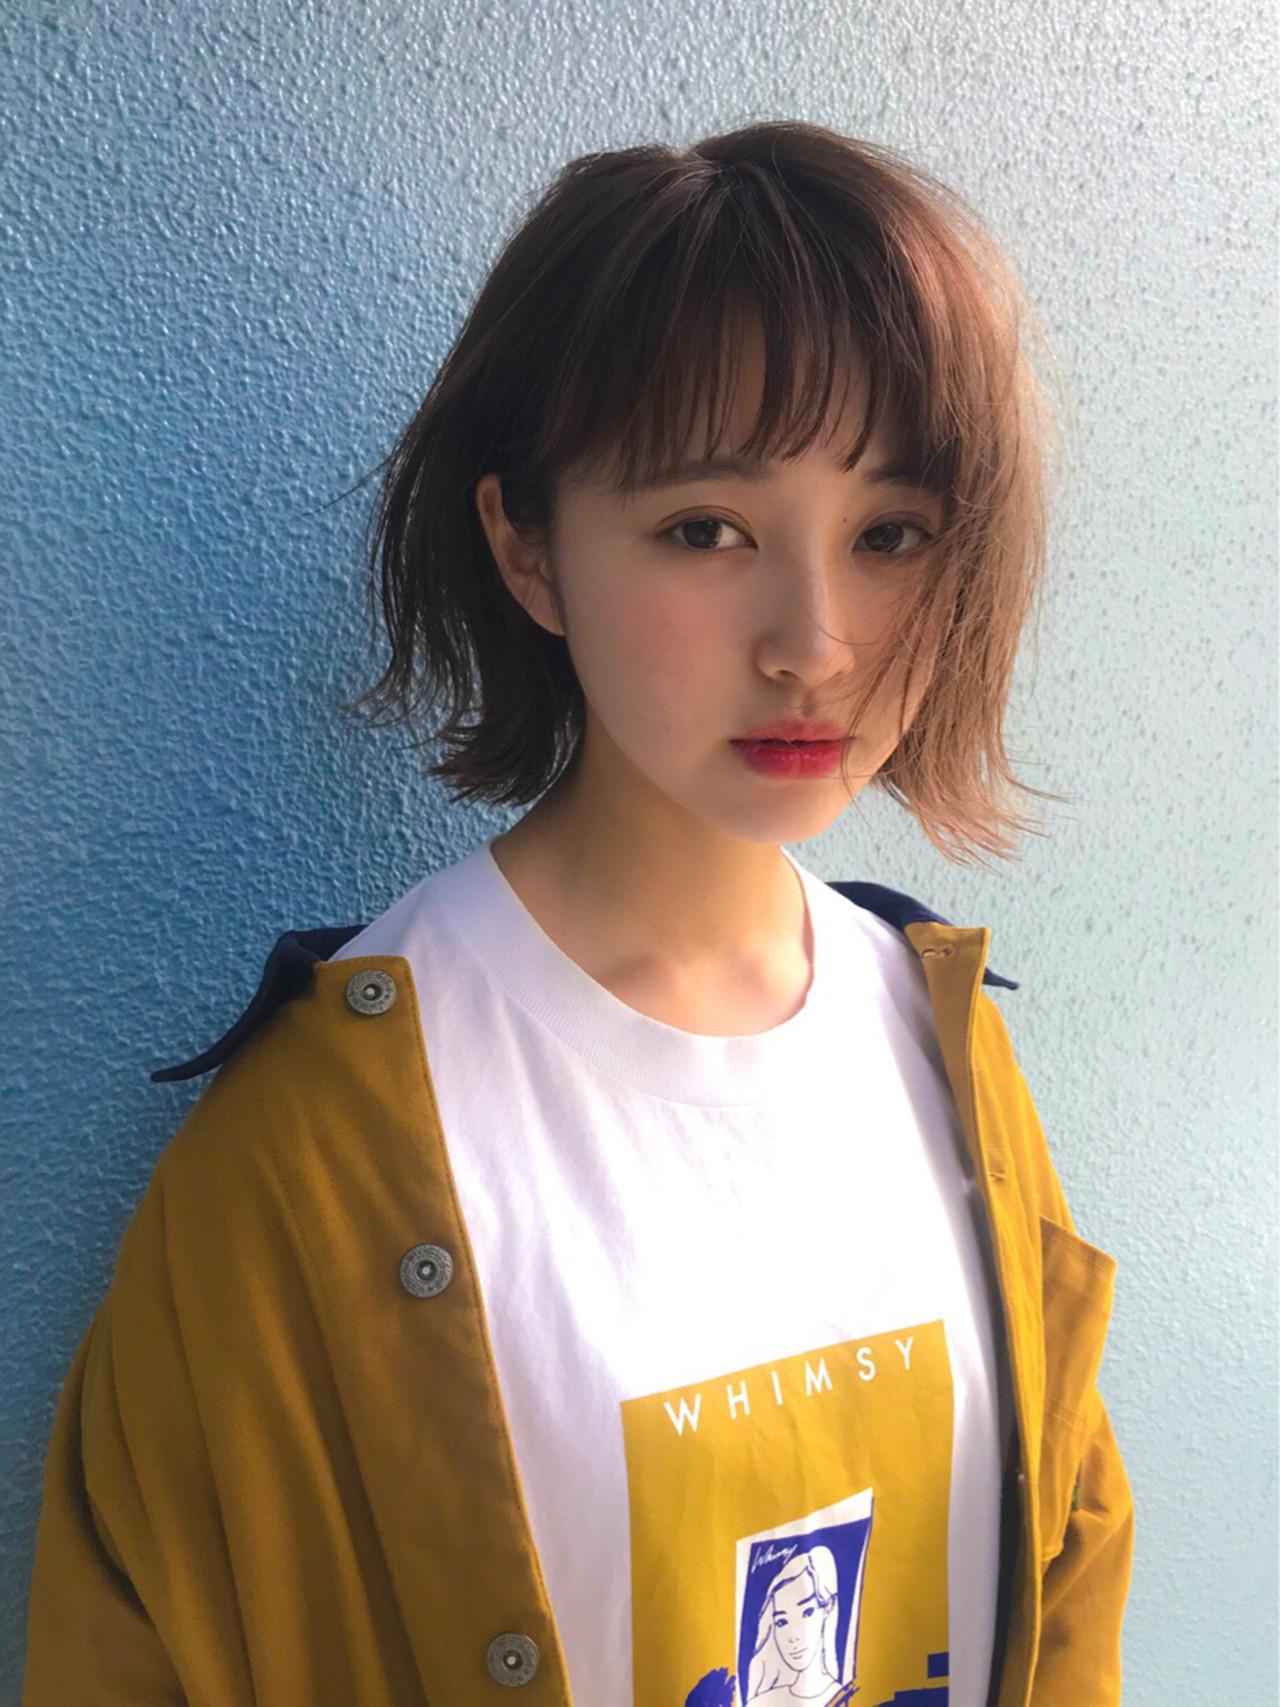 メンズ受け◎なフェミニンダブルカラー ichiro.